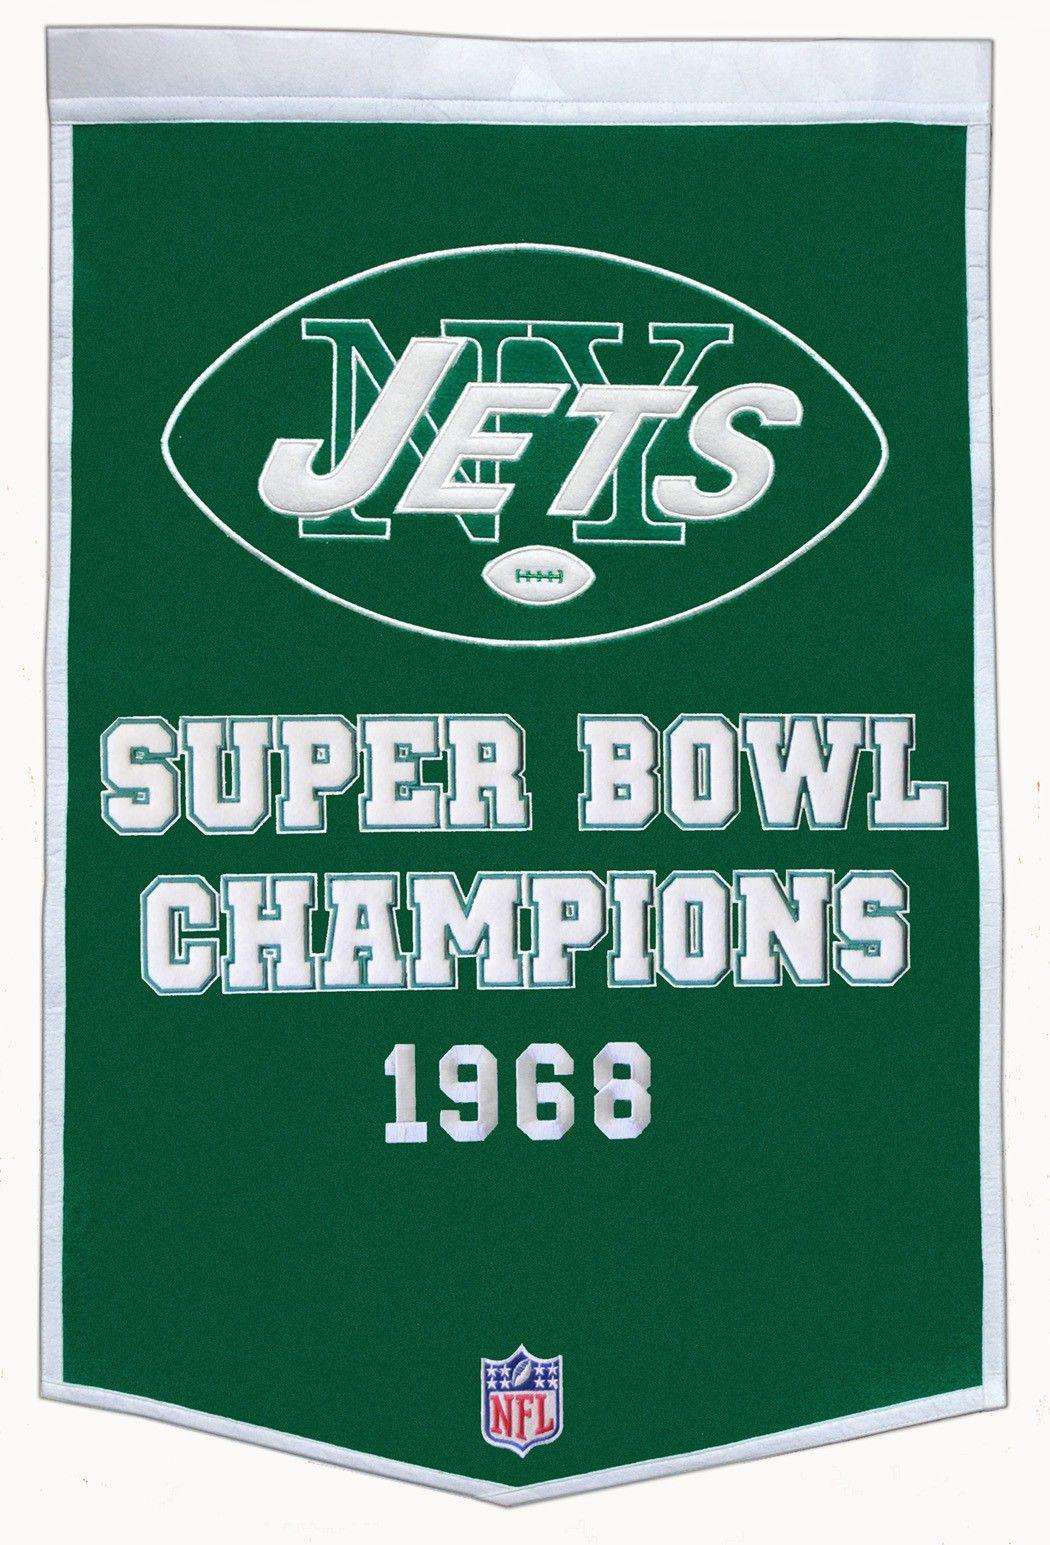 4029bfbcd69 1969 Superbowl Champions - NY JETS | J-E-T-S Jets Jets Jets! | New ...